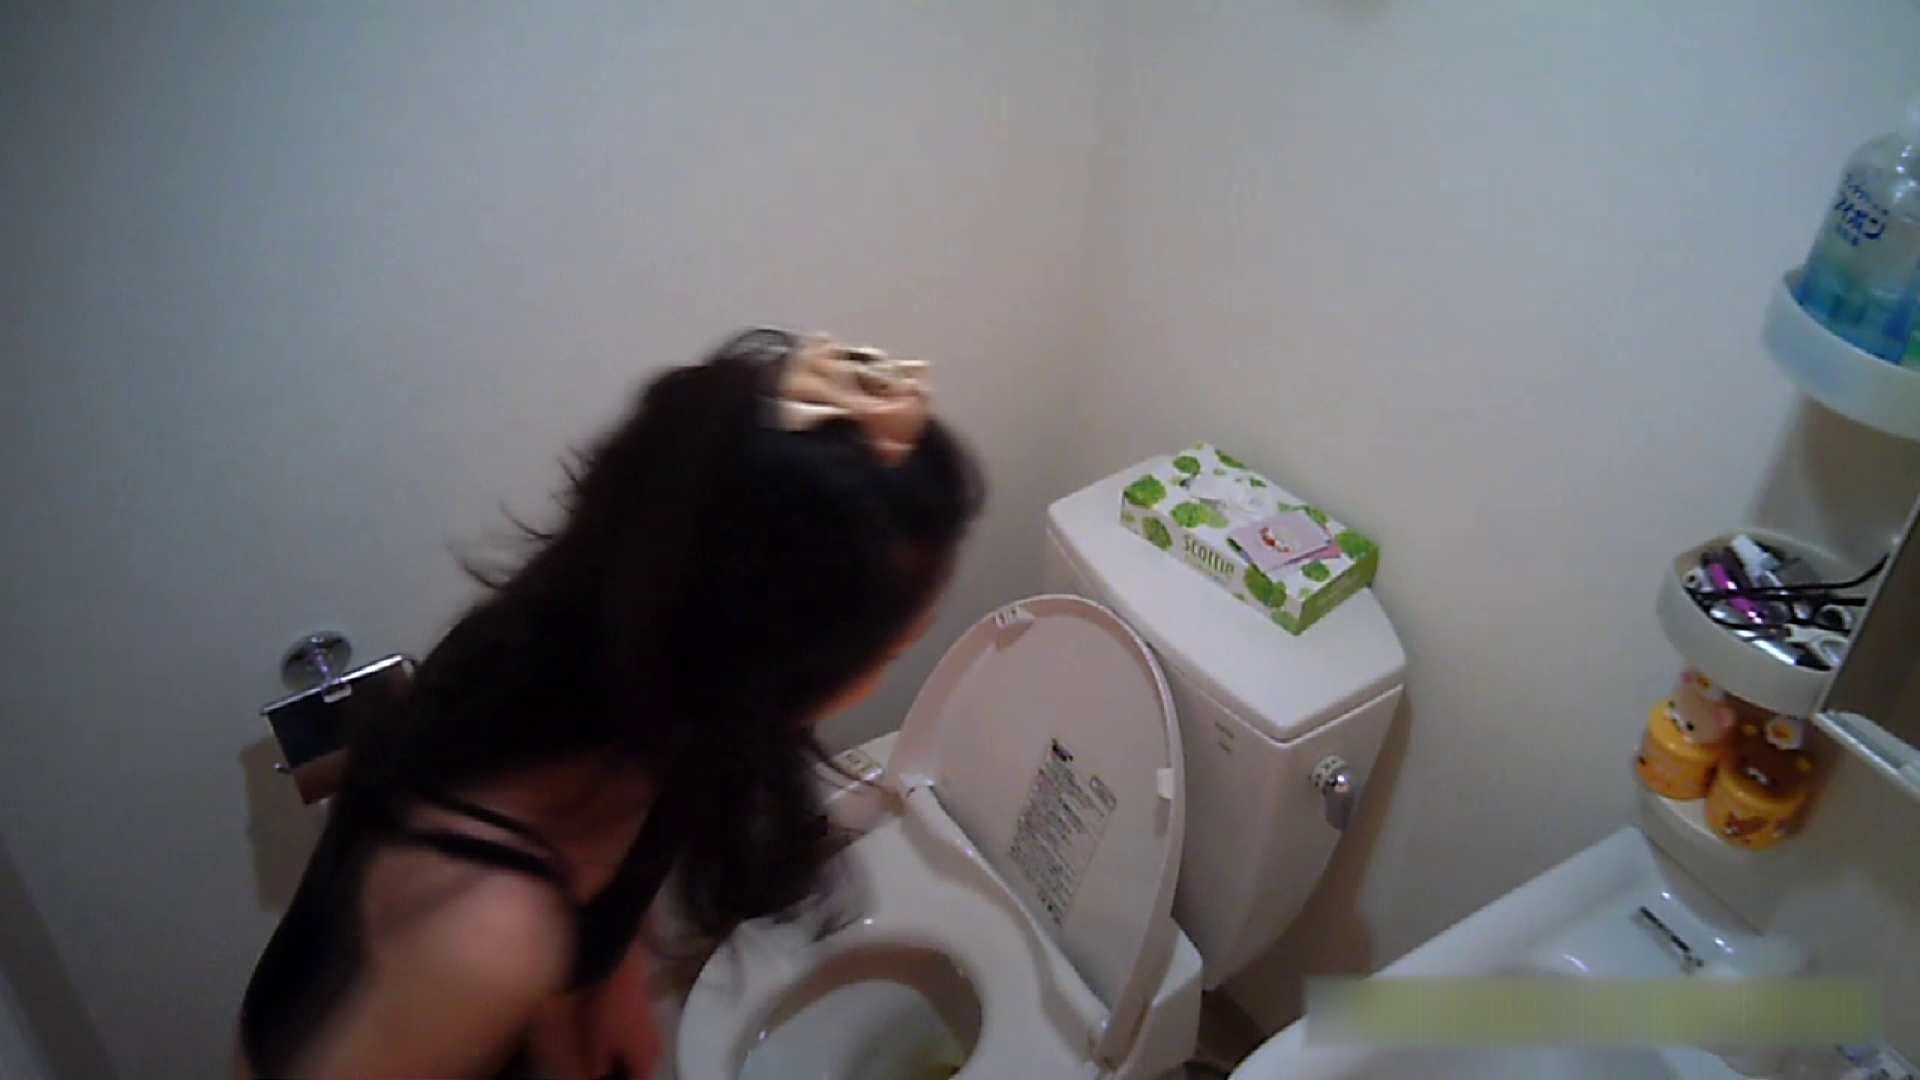 清楚な顔してかなり敏感なE子25歳(仮名)Vol.05 裸でトイレ編 美肌 AV動画キャプチャ 90枚 59